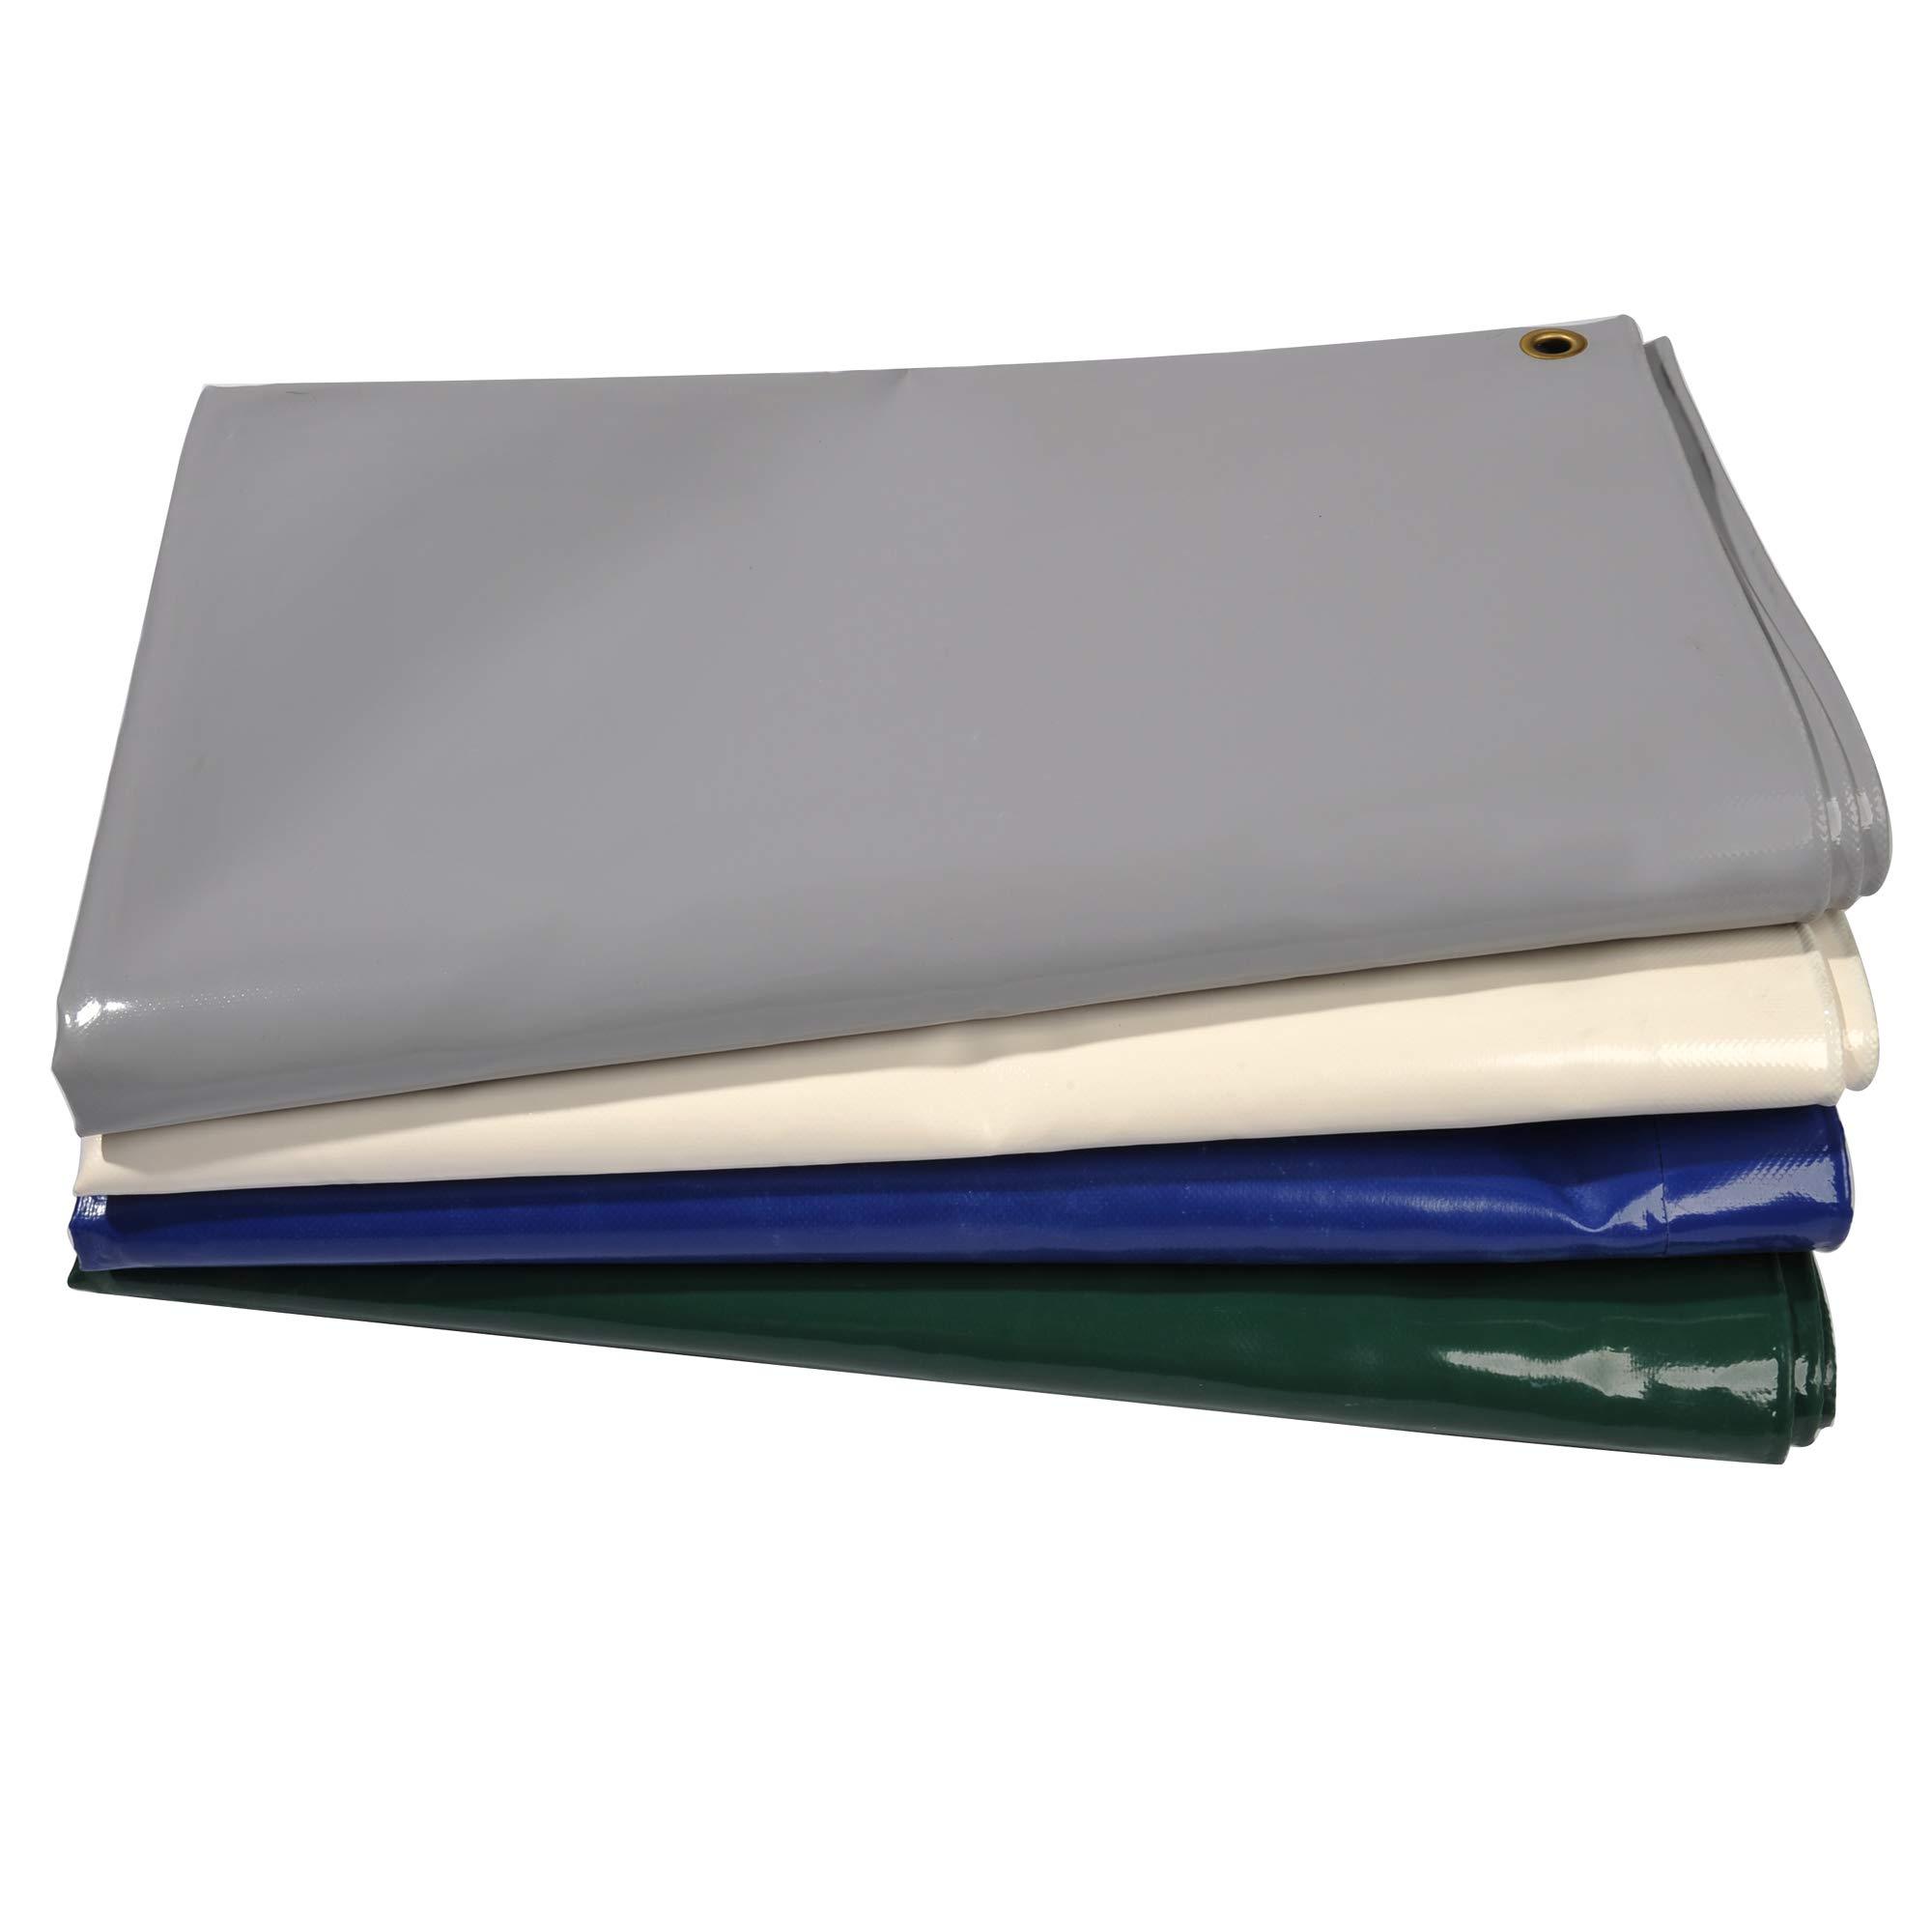 Nemaxx Lona de protección PLA812 Premium 800 x 1200 cm; Blanco con Ojales, PVC de 650 g/m², Cubierta, Lona de protección. Impermeable y a Prueba de desgarros, 96m²: Amazon.es: Jardín